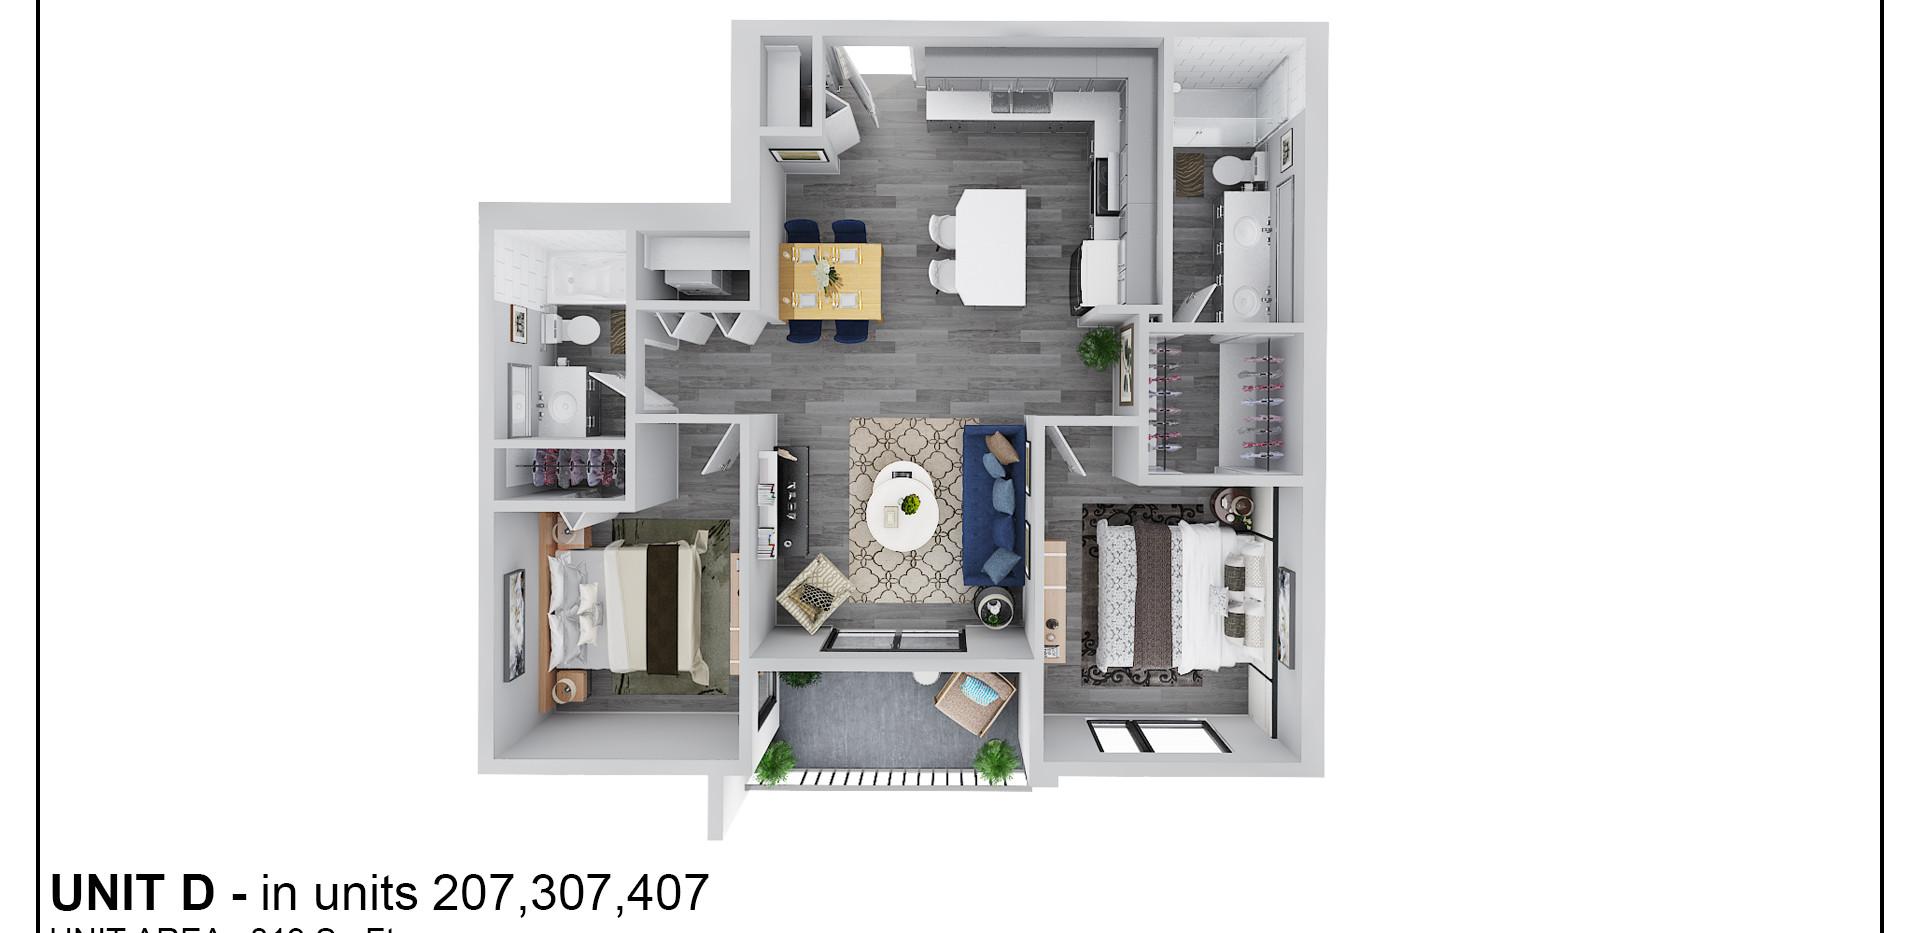 Floor Two - Unit D - 207